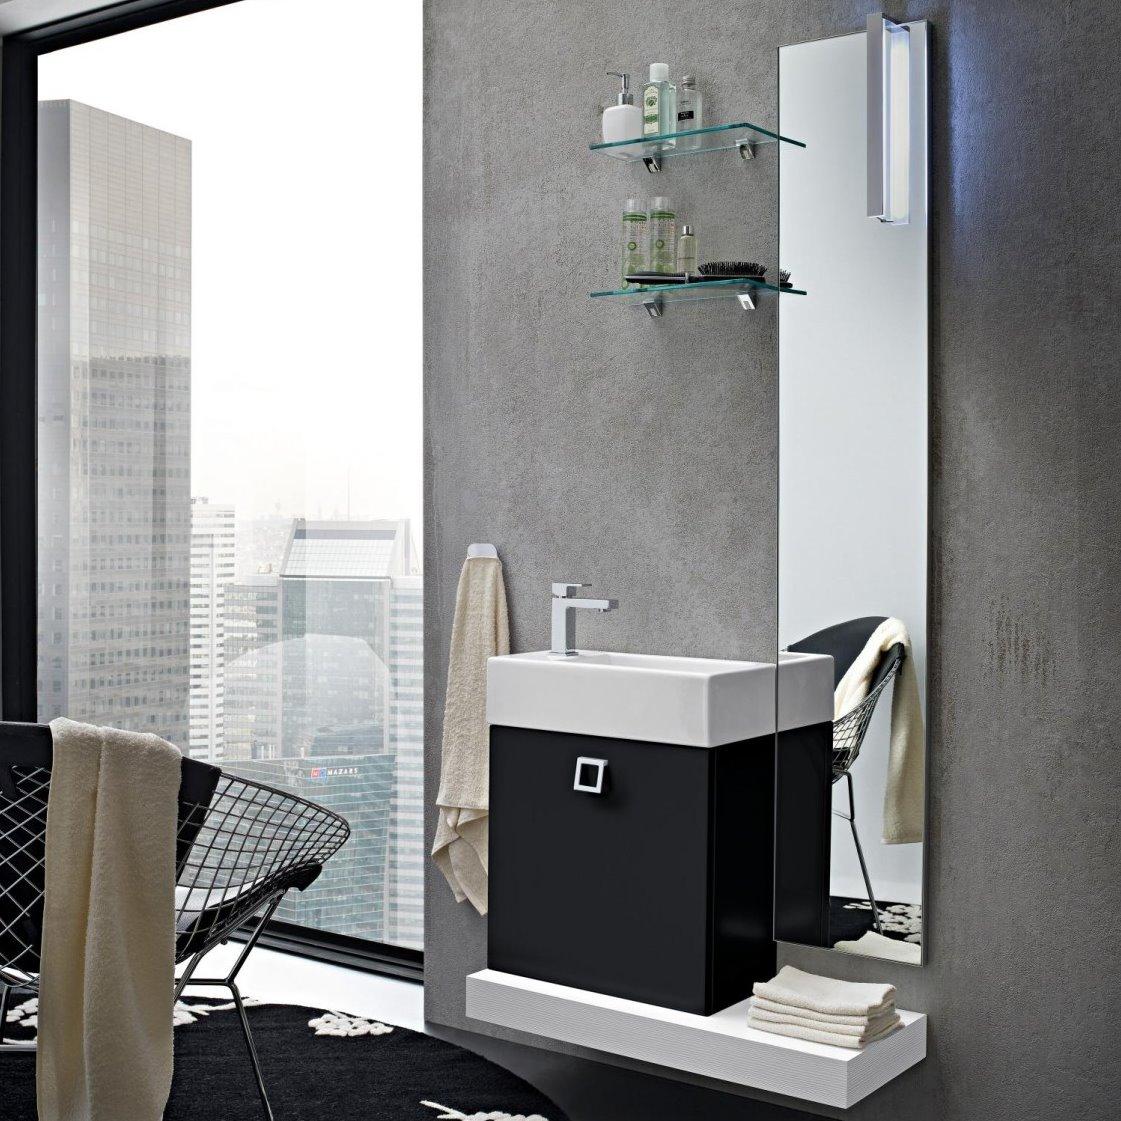 Idee bagno piccolo 6 idee per scegliere il mobile bagno for Piccoli mobili design